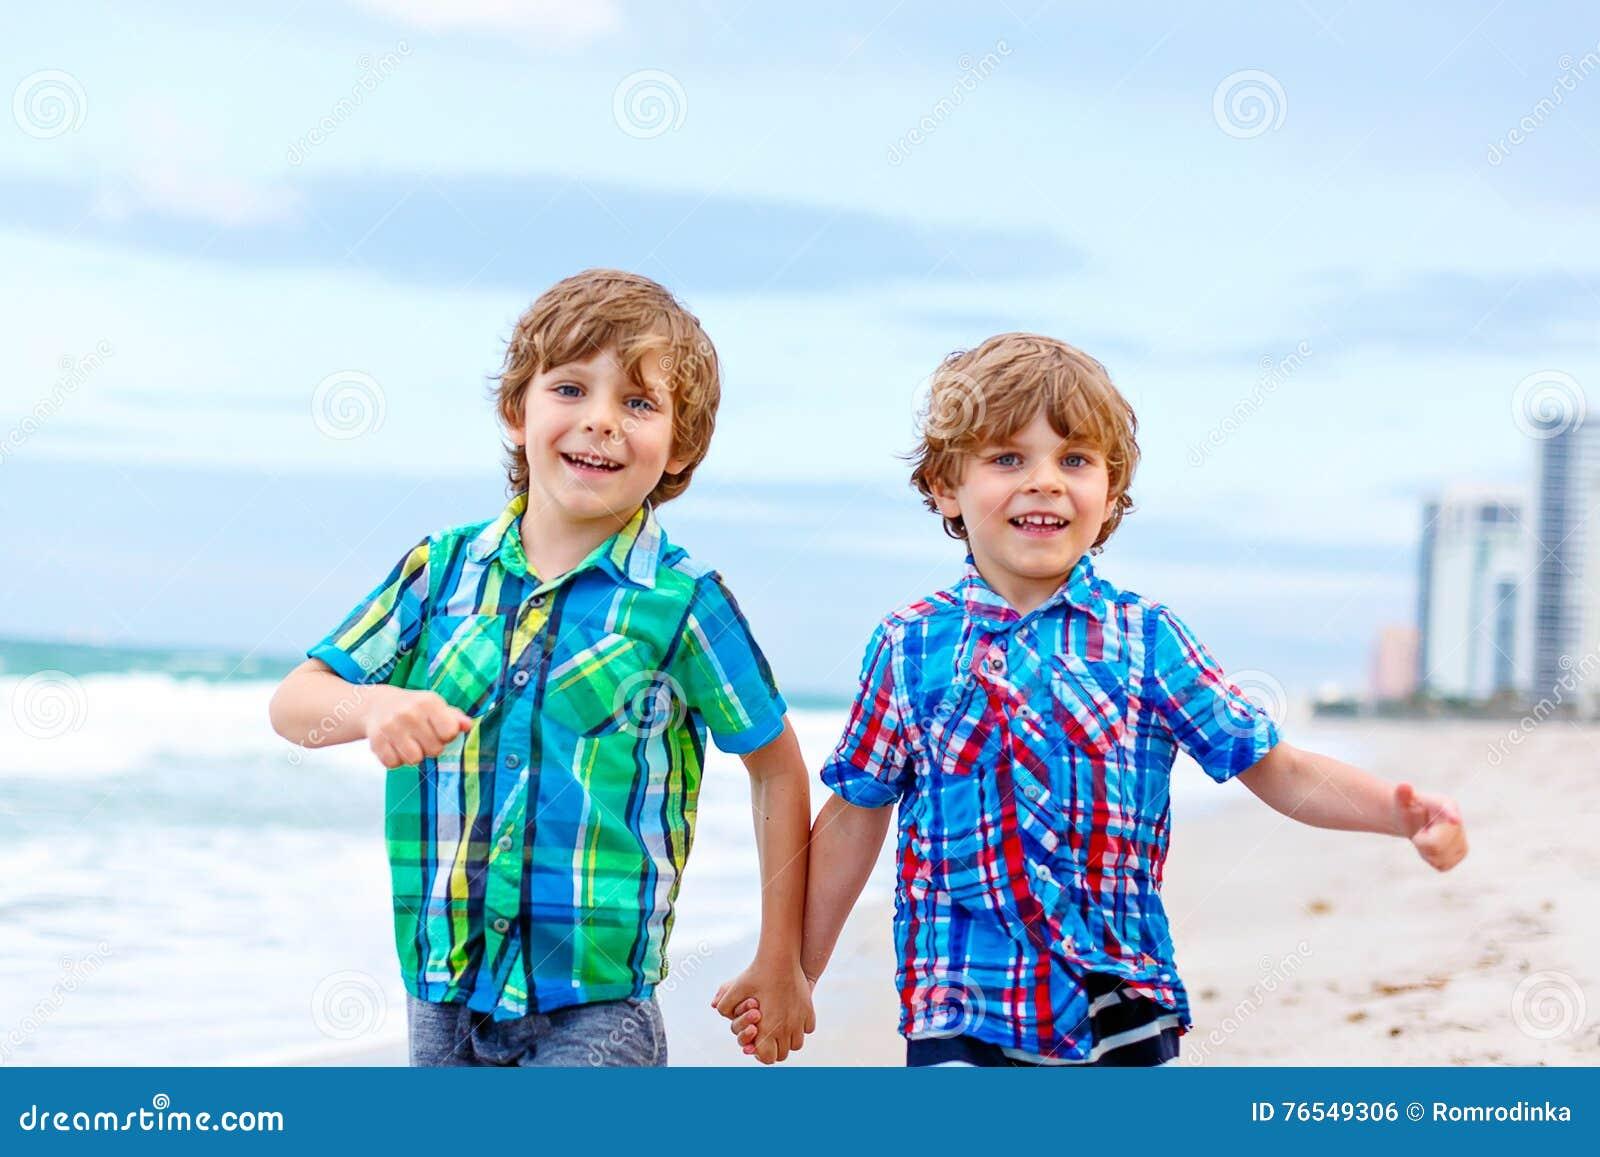 Disegno Di Bambino Che Corre : Due ragazzi dei bambini che corrono sulla spiaggia delloceano